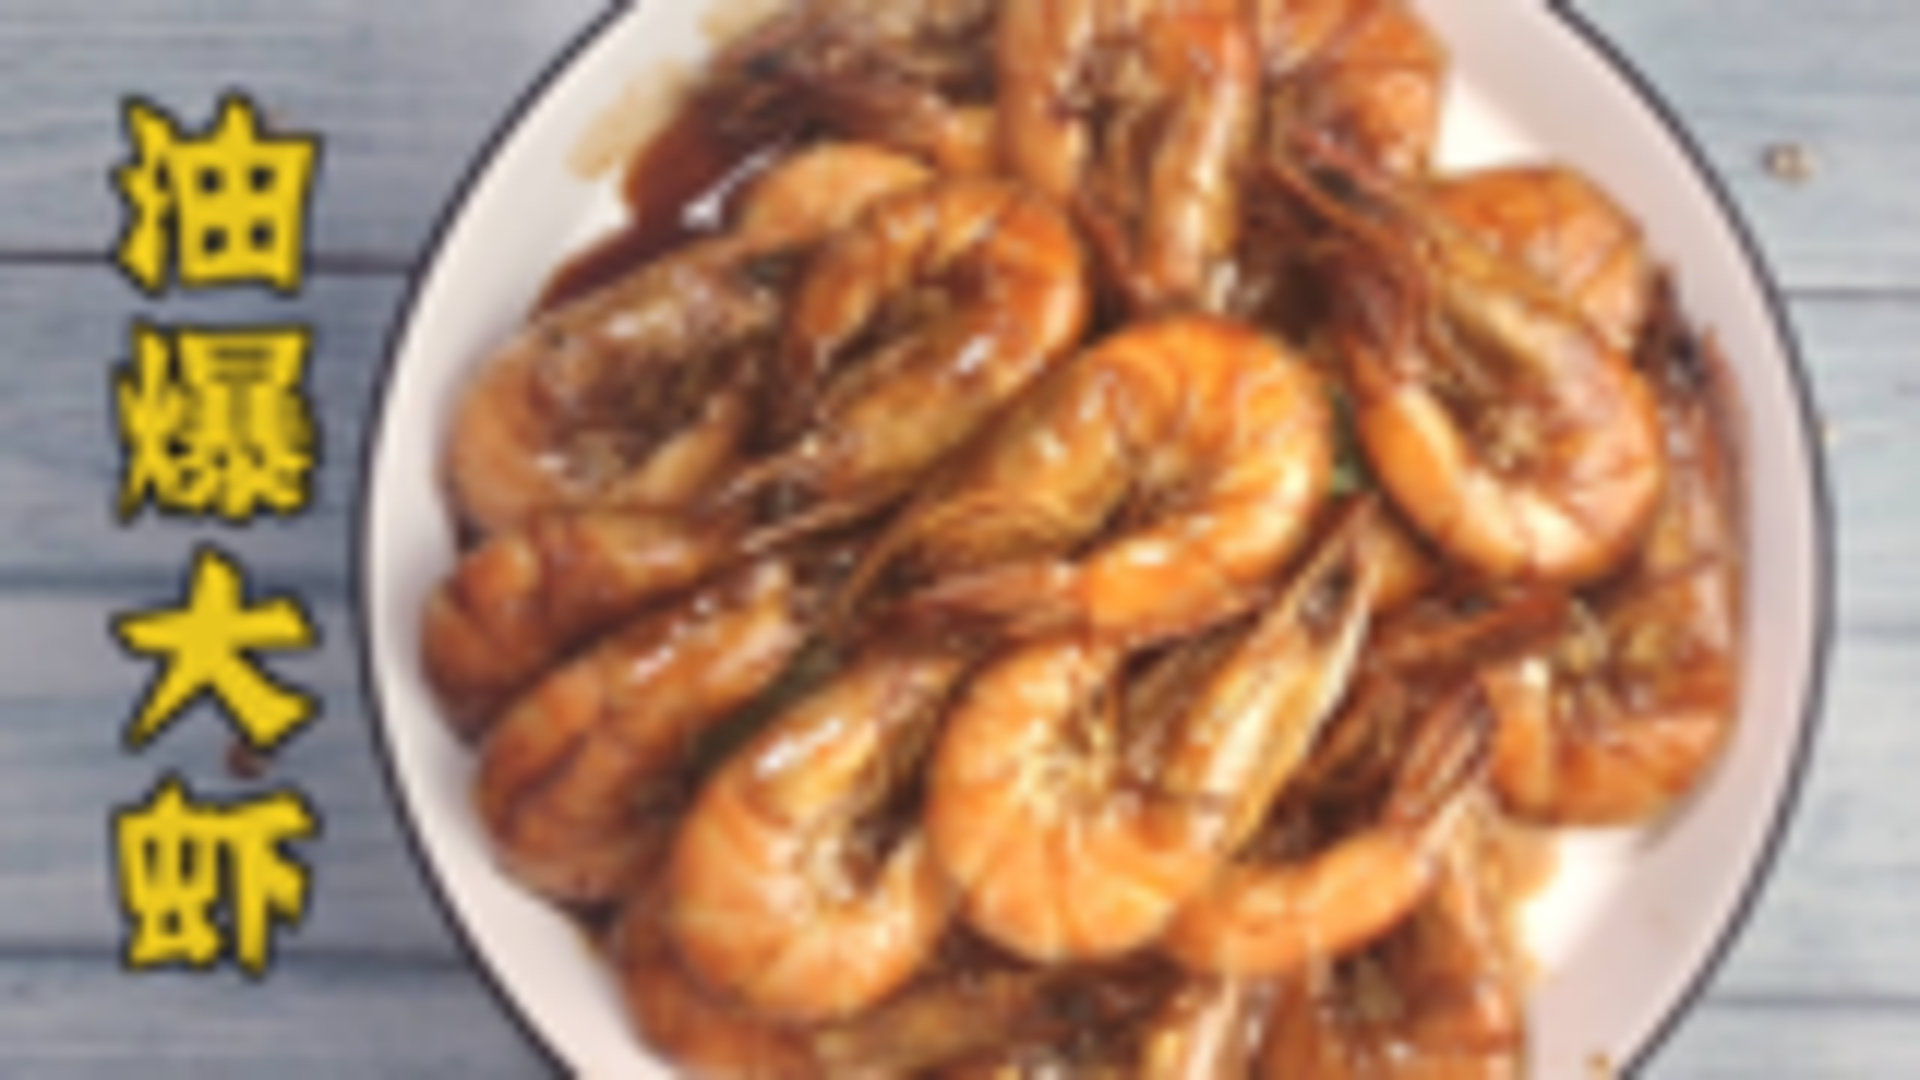 超级美味!油爆大虾怎么做才好吃?试试这种方法吧!